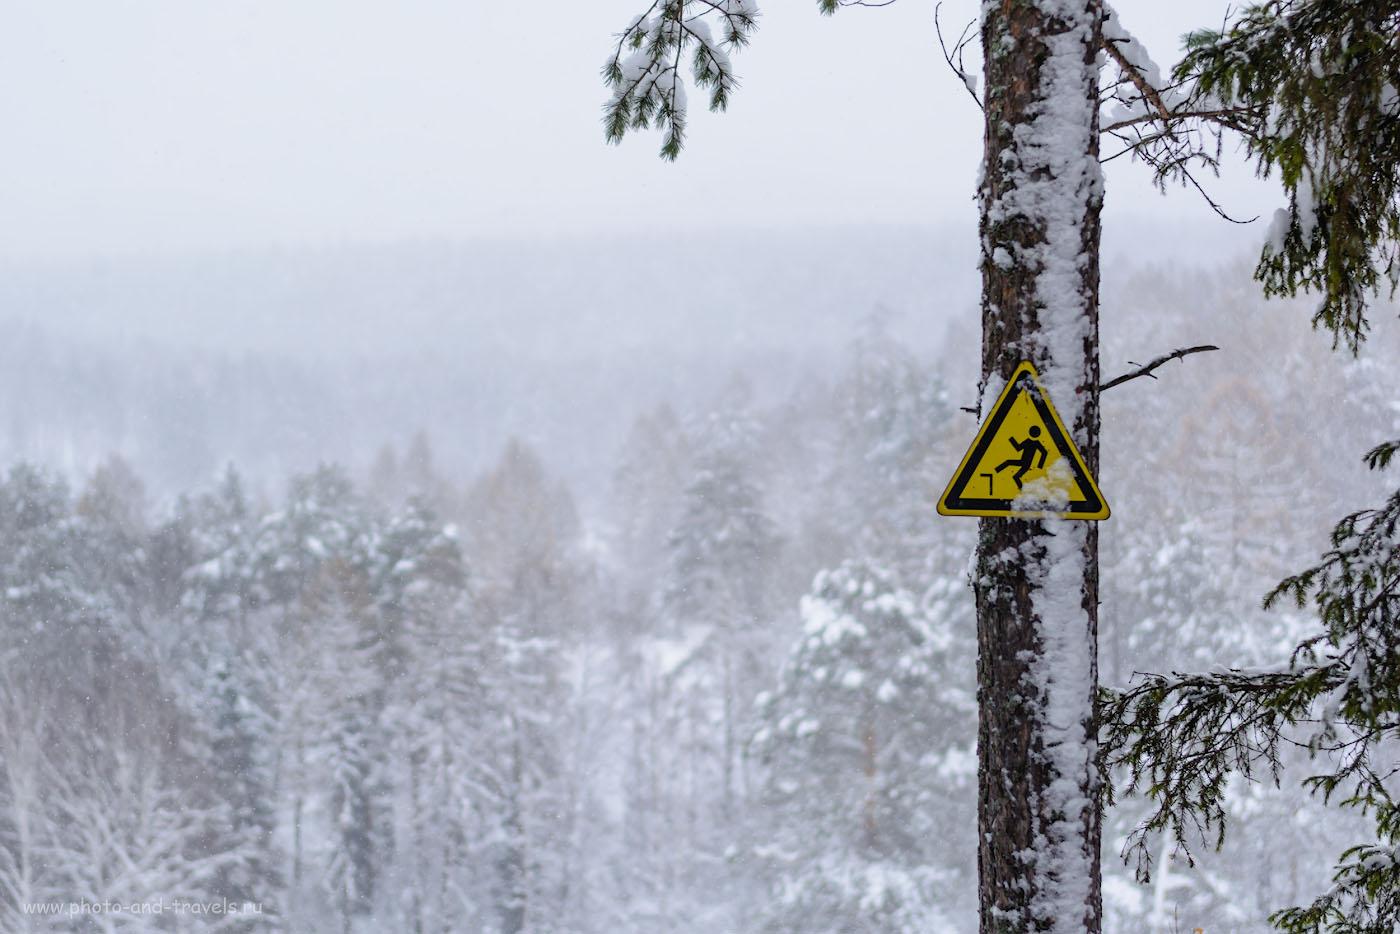 Фото 5. Будьте осторожны, подходя в зимнее время к краю обрыва при съемке пейзажа на Nikon 17-55mm f/2.8G. 1/200, +0.67, 2.8, 100, 55.